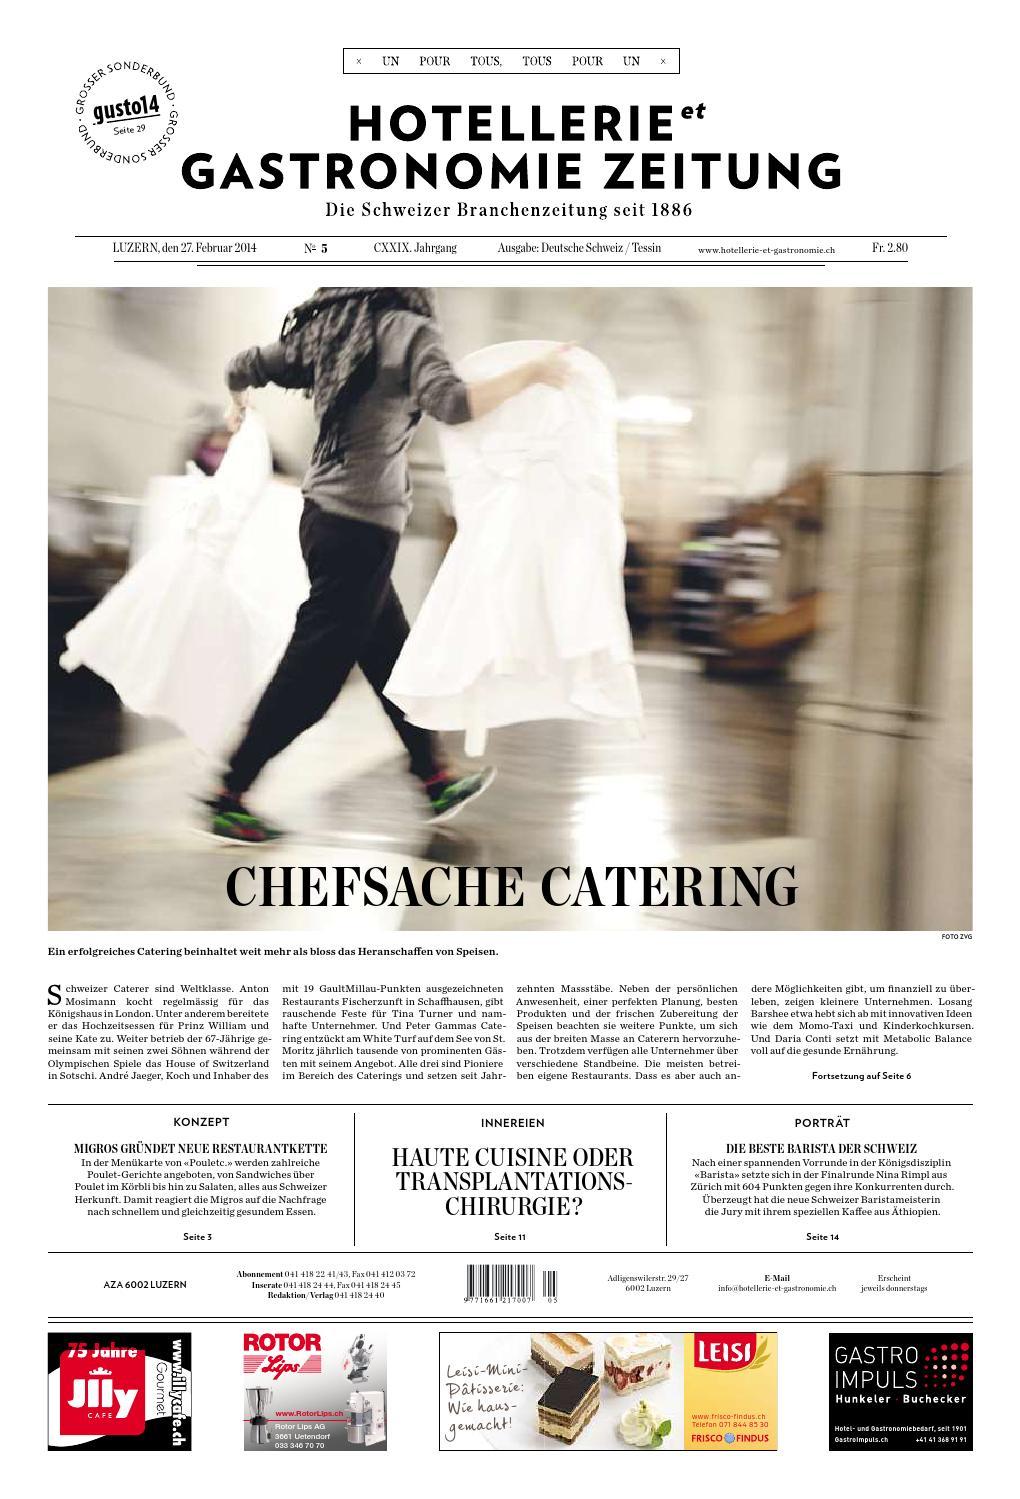 Exceptional HetG Zeitung 5/2014 By Hotellerie_Gastronomie_Verlag   Issuu